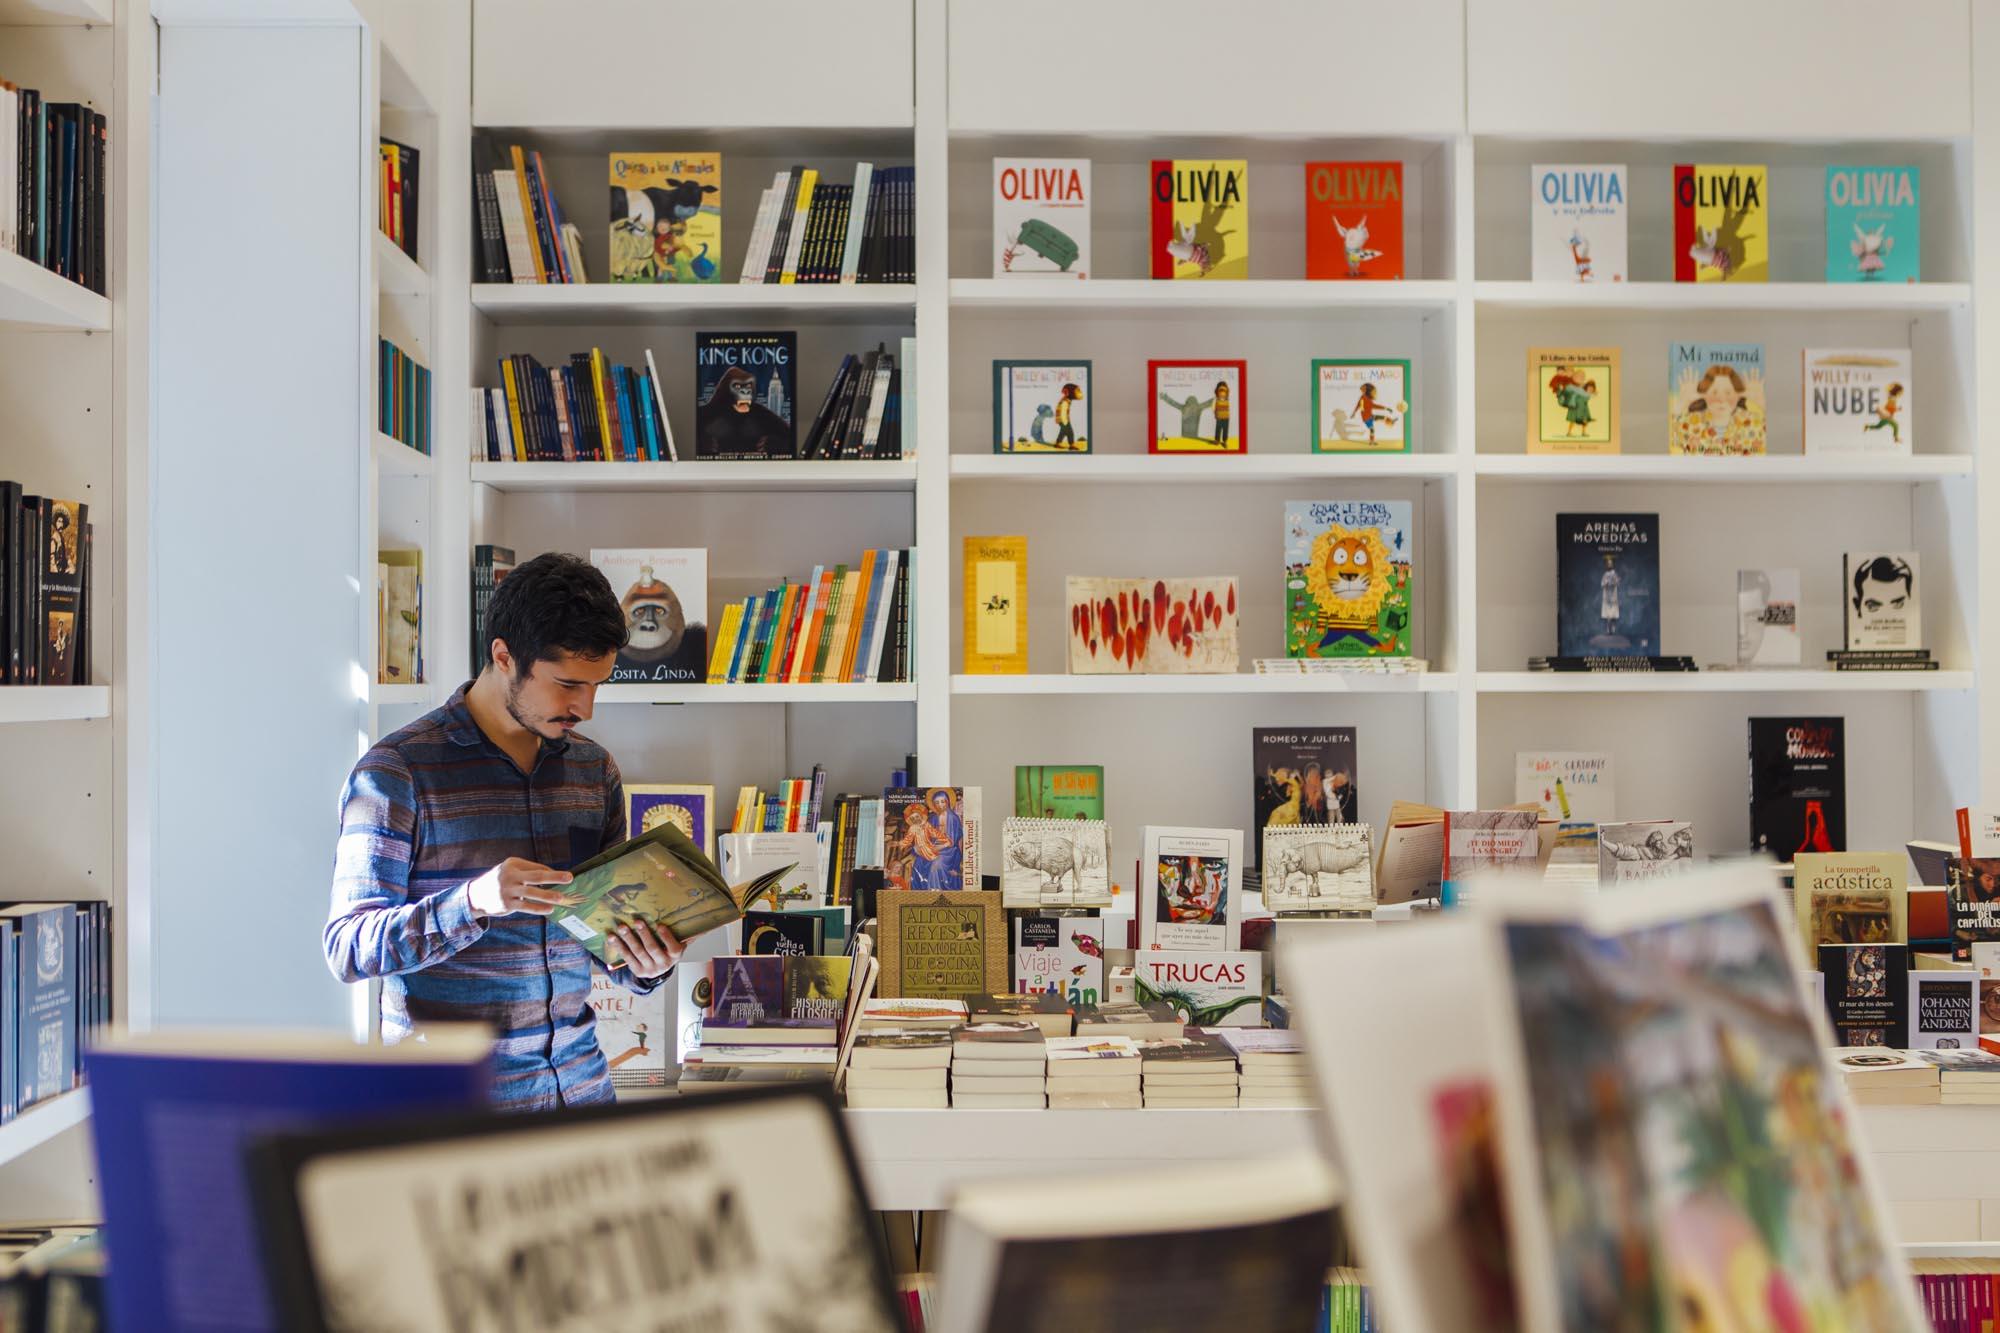 La librería del Fondo de Cultura Económica, especializada en títulos en español de ciencias y humanidades.